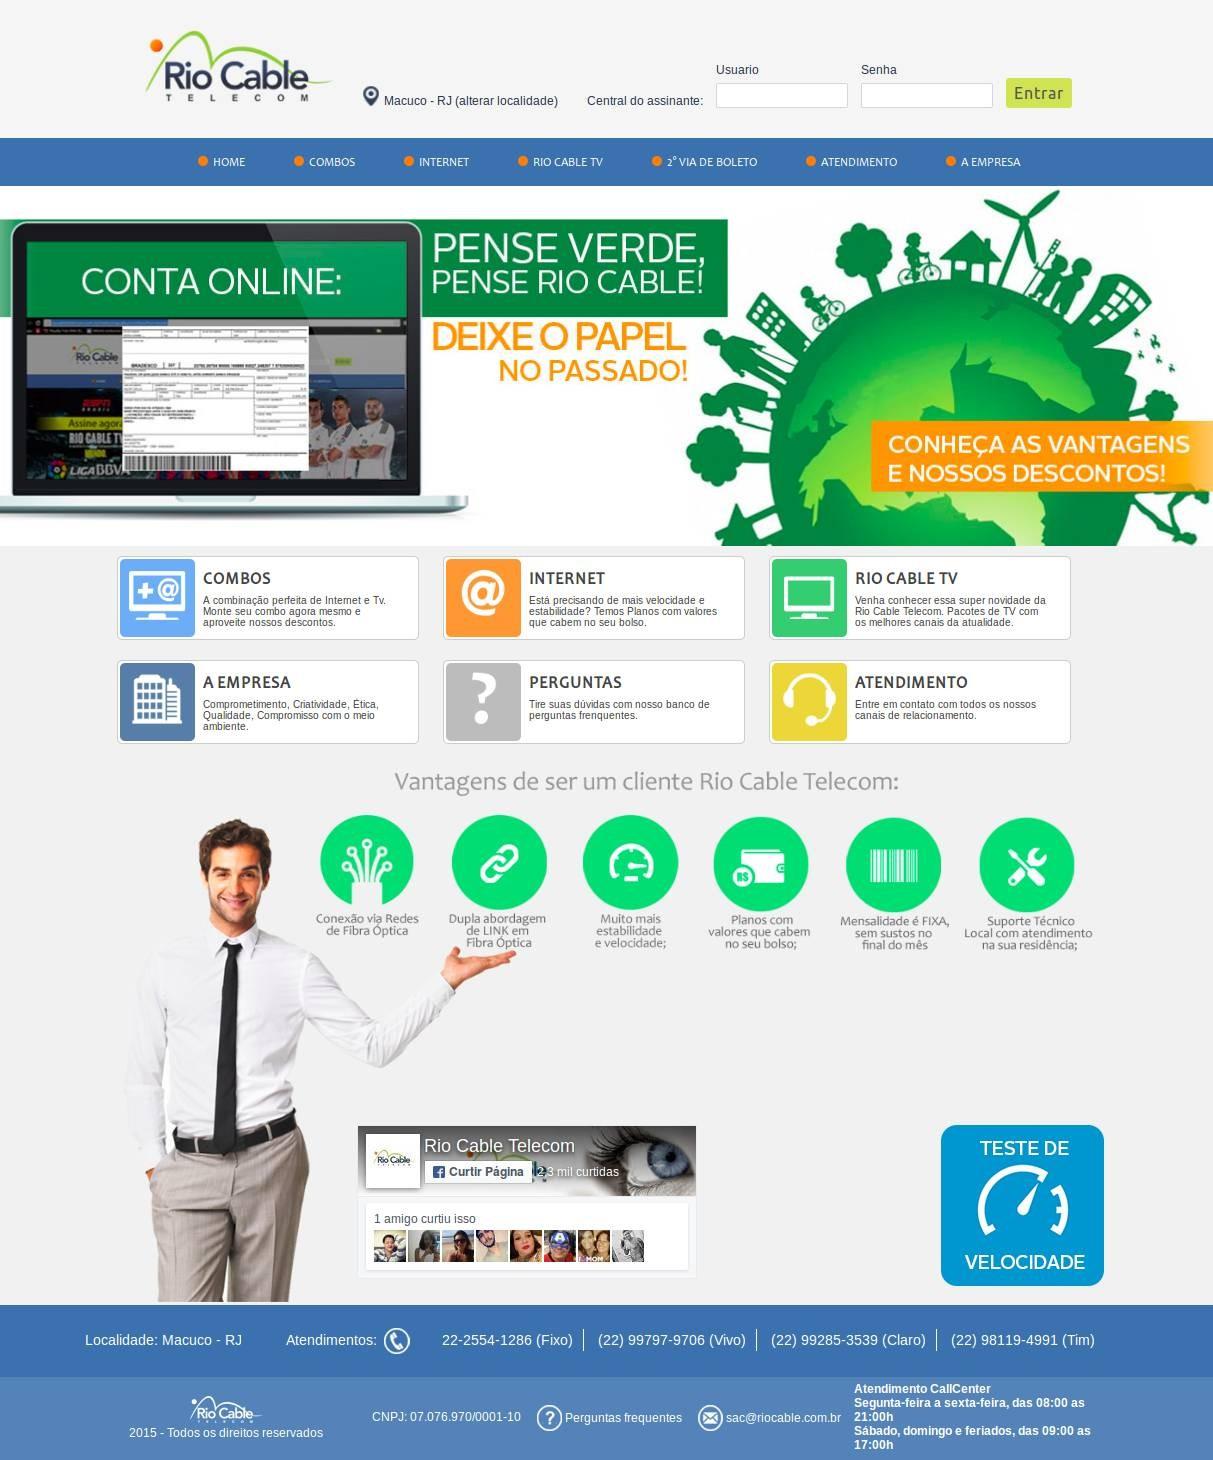 http://alpha.itcast.com.br/arquivos/2016-05-06/riocable_full.jpg